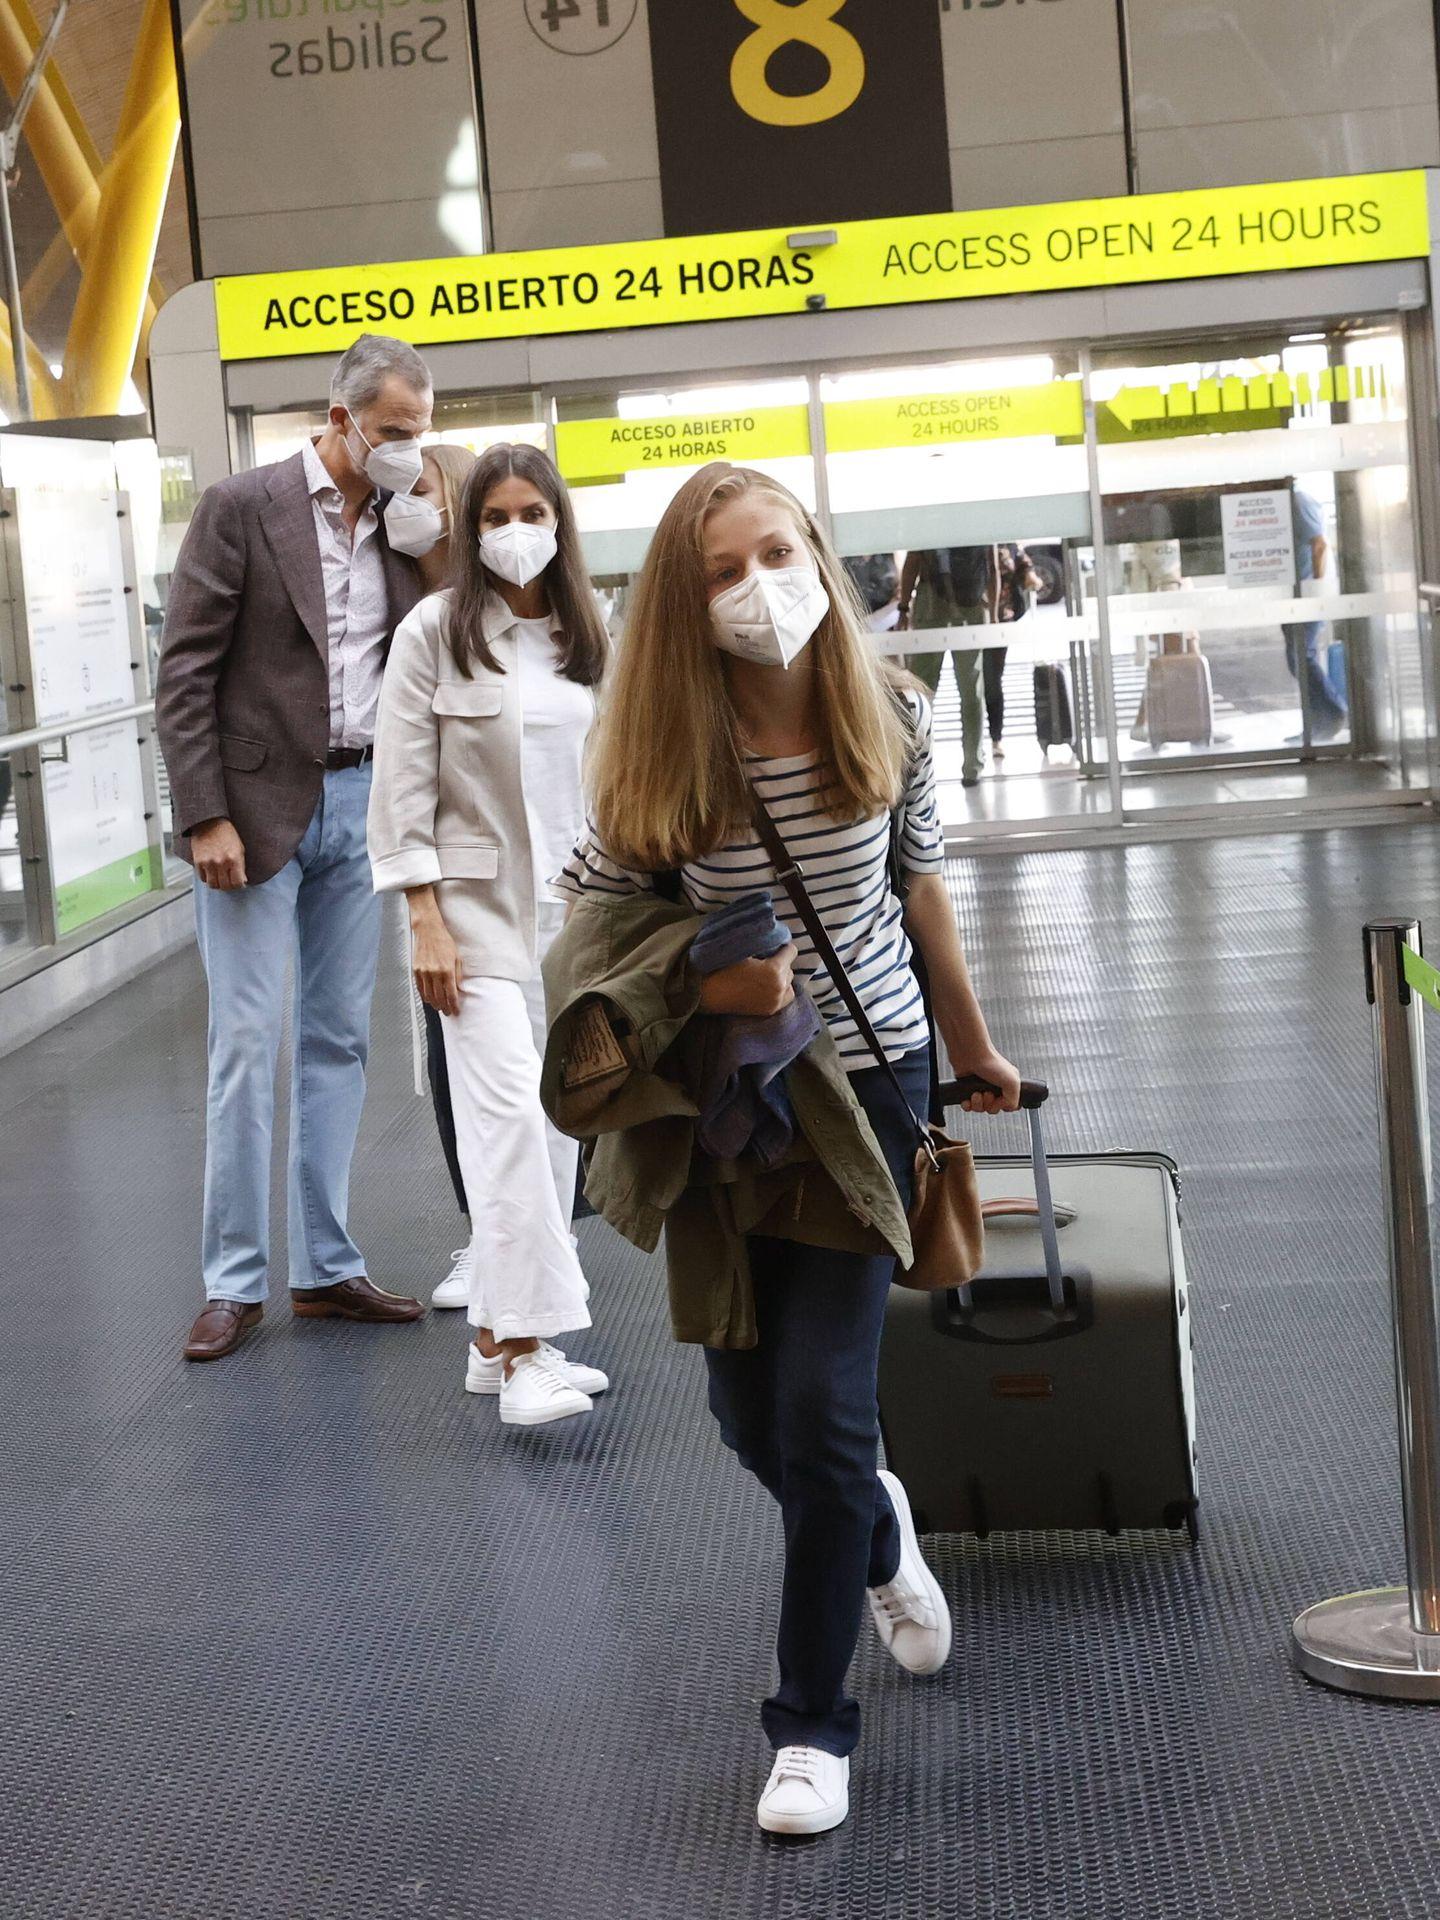 La despedida de Leonor en el aeropuerto, con la infanta Sofía desconsolada. (Casa de S. M. el Rey)